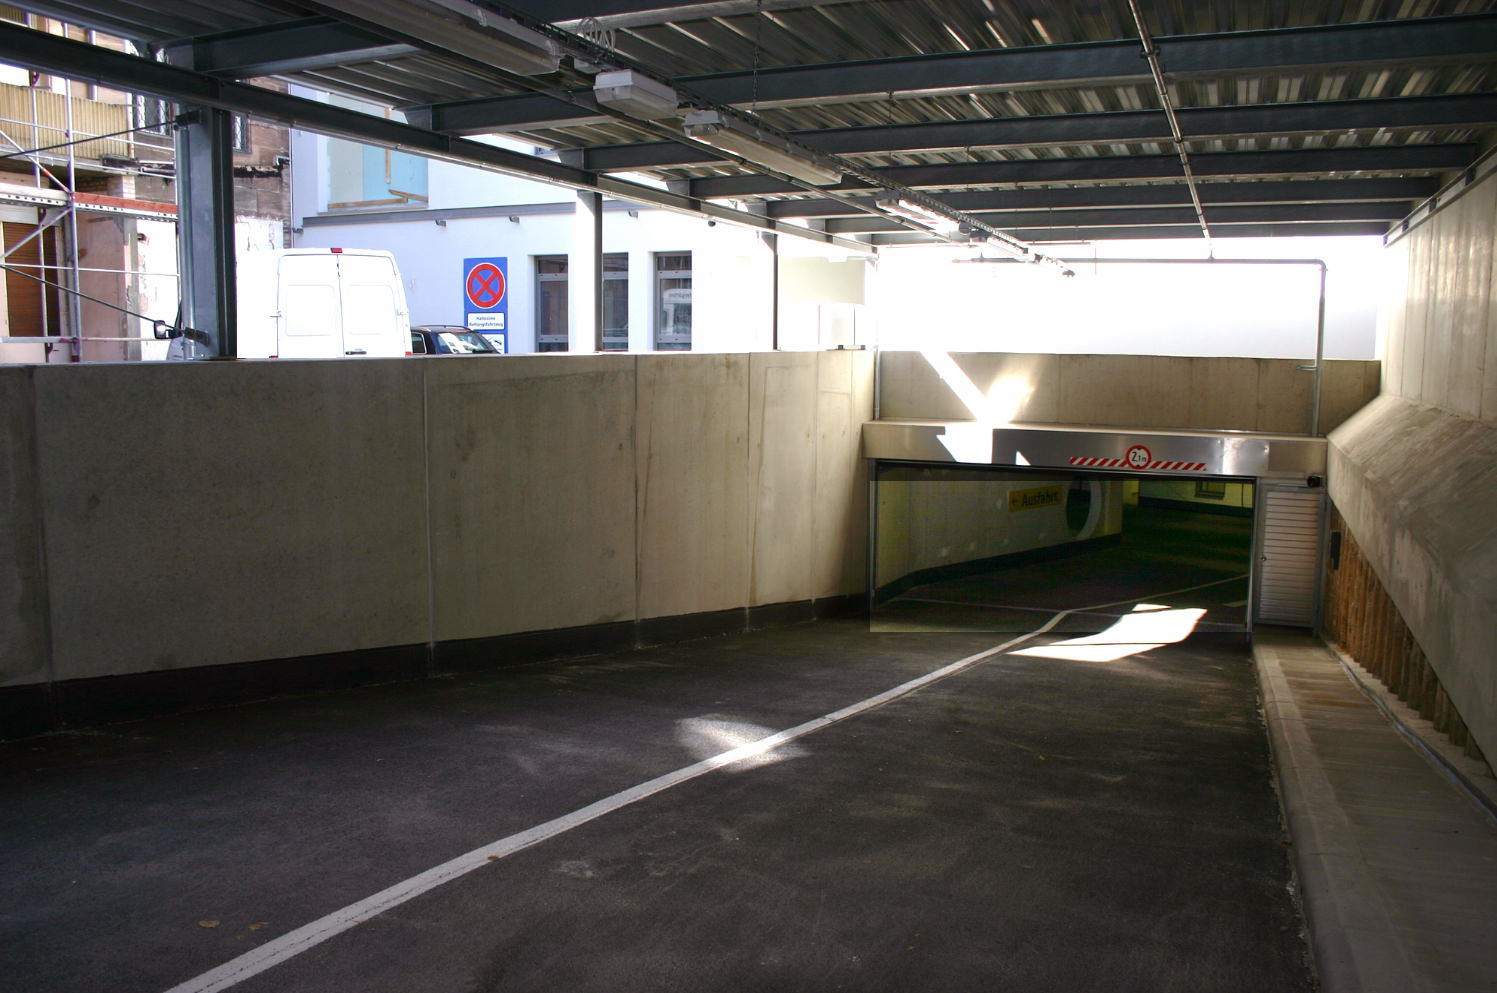 tiefgaragen parkdecks a michel asphalt und isolierbau gmbh co kg. Black Bedroom Furniture Sets. Home Design Ideas